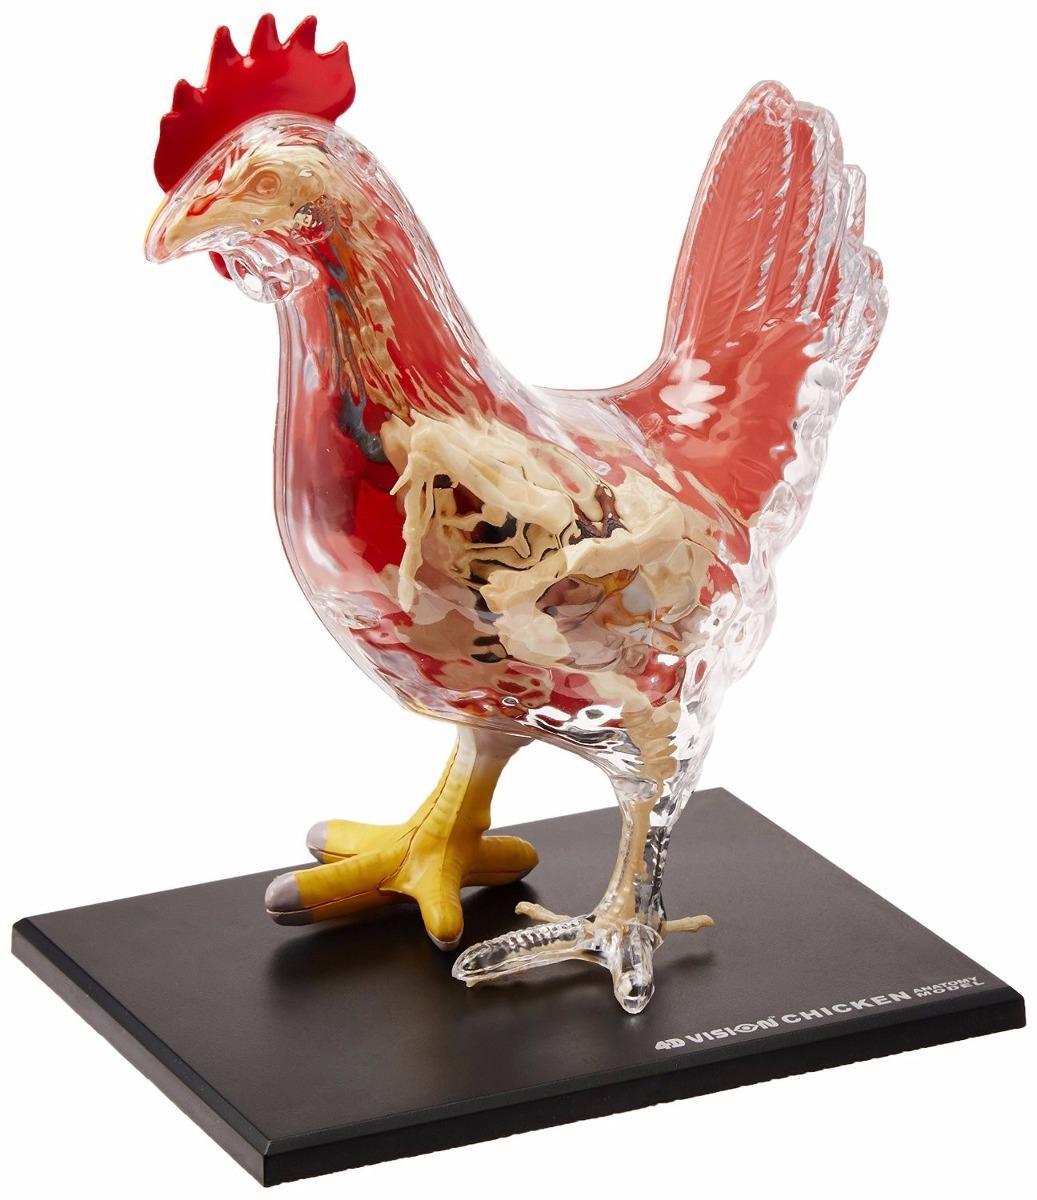 Esqueleto Anatomía De Pollo Realista 4d - $ 1,750.00 en Mercado Libre